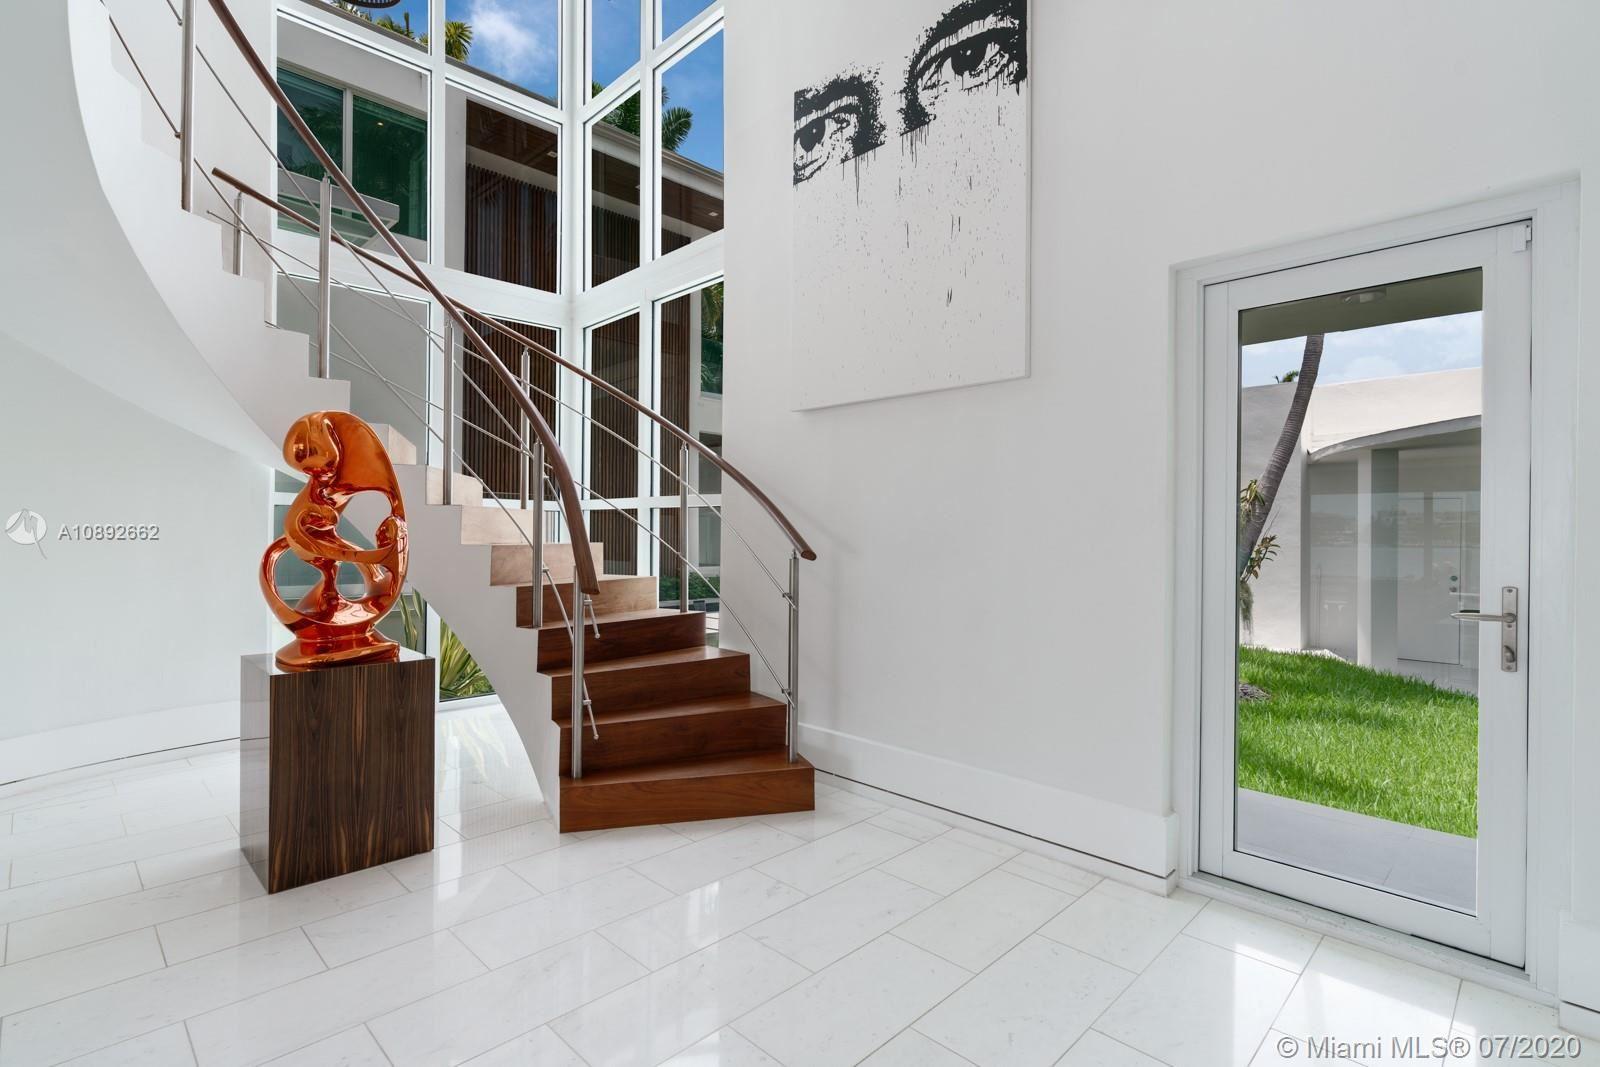 Photo 8 of Listing MLS a10892662 in 327 E Rivo Alto Dr Miami Beach FL 33139